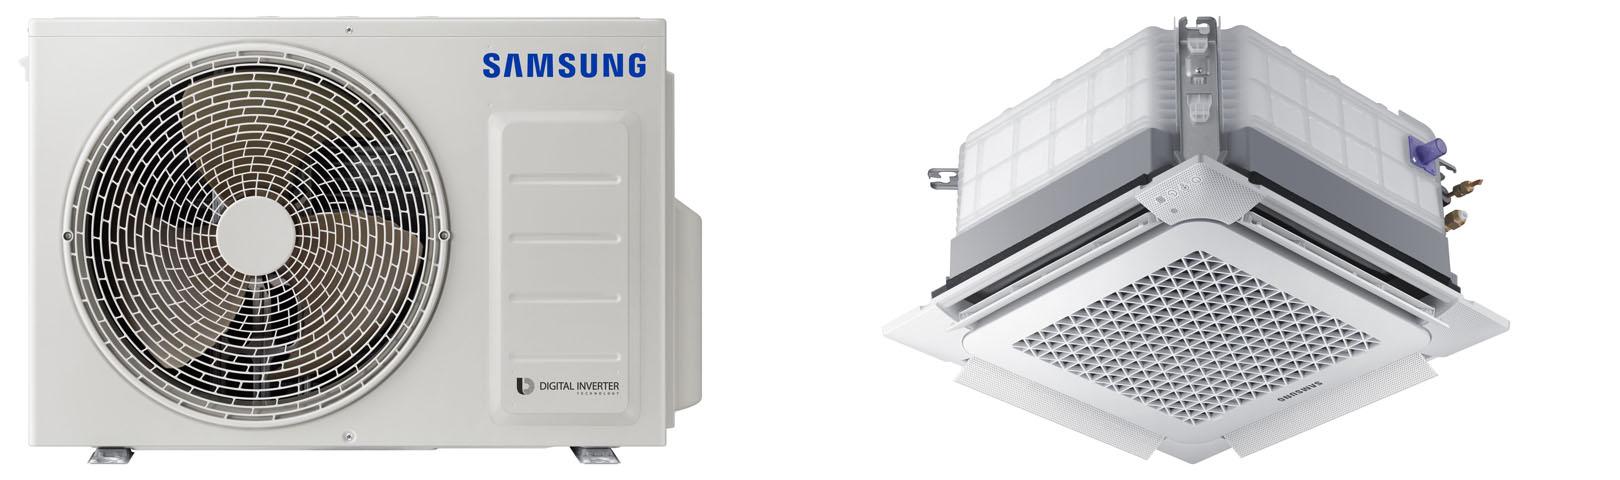 enconsult.cz komerční klimatizace Samsung